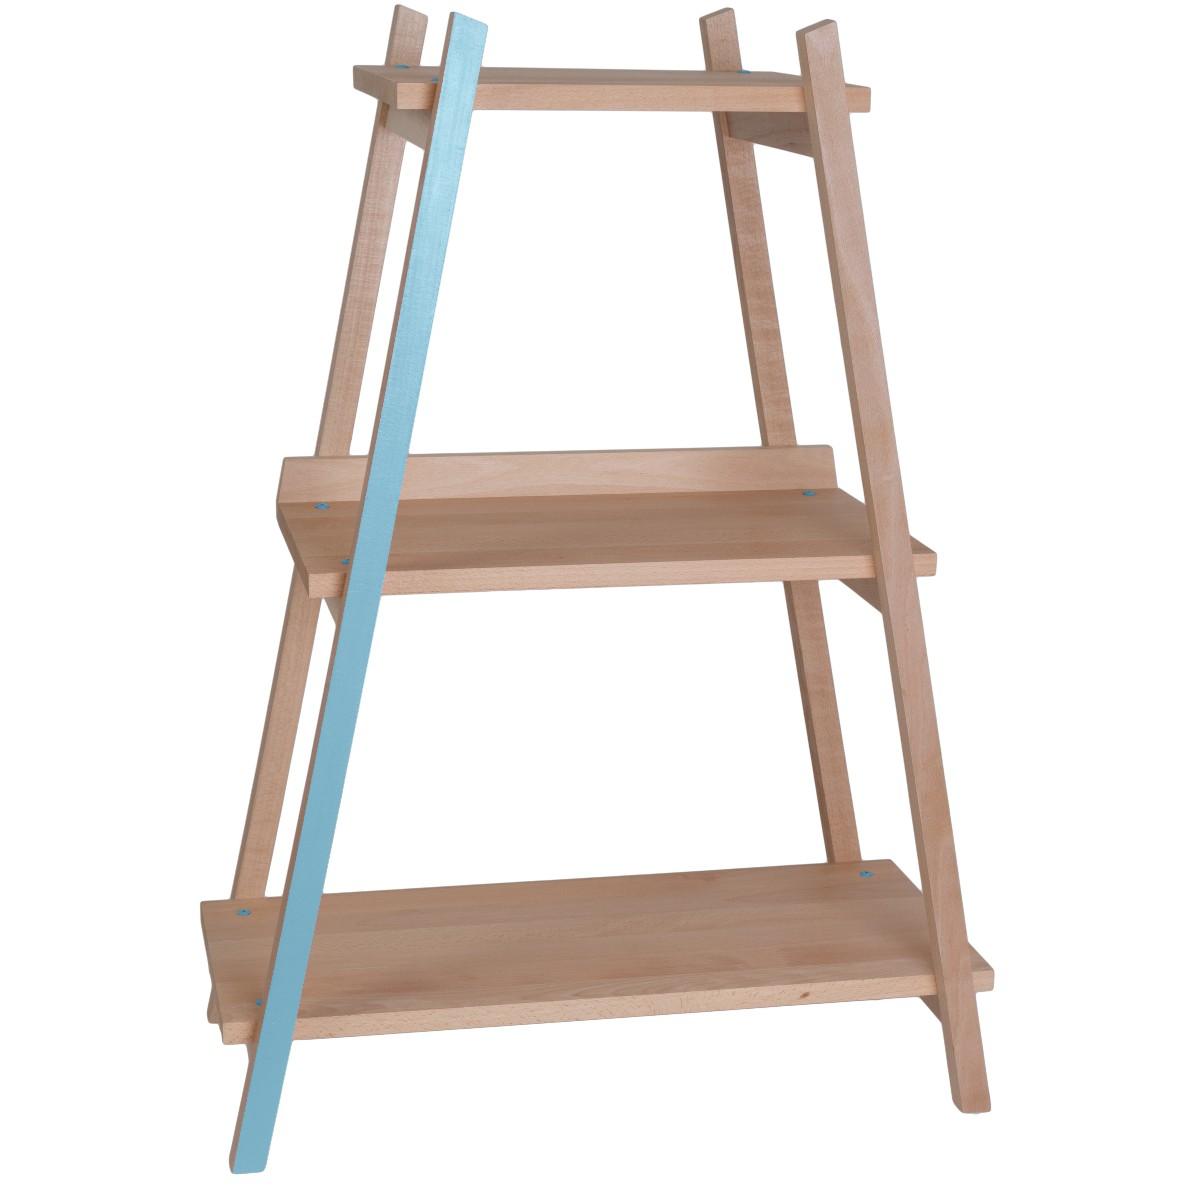 Rangement en bois pour chambre d'enfant